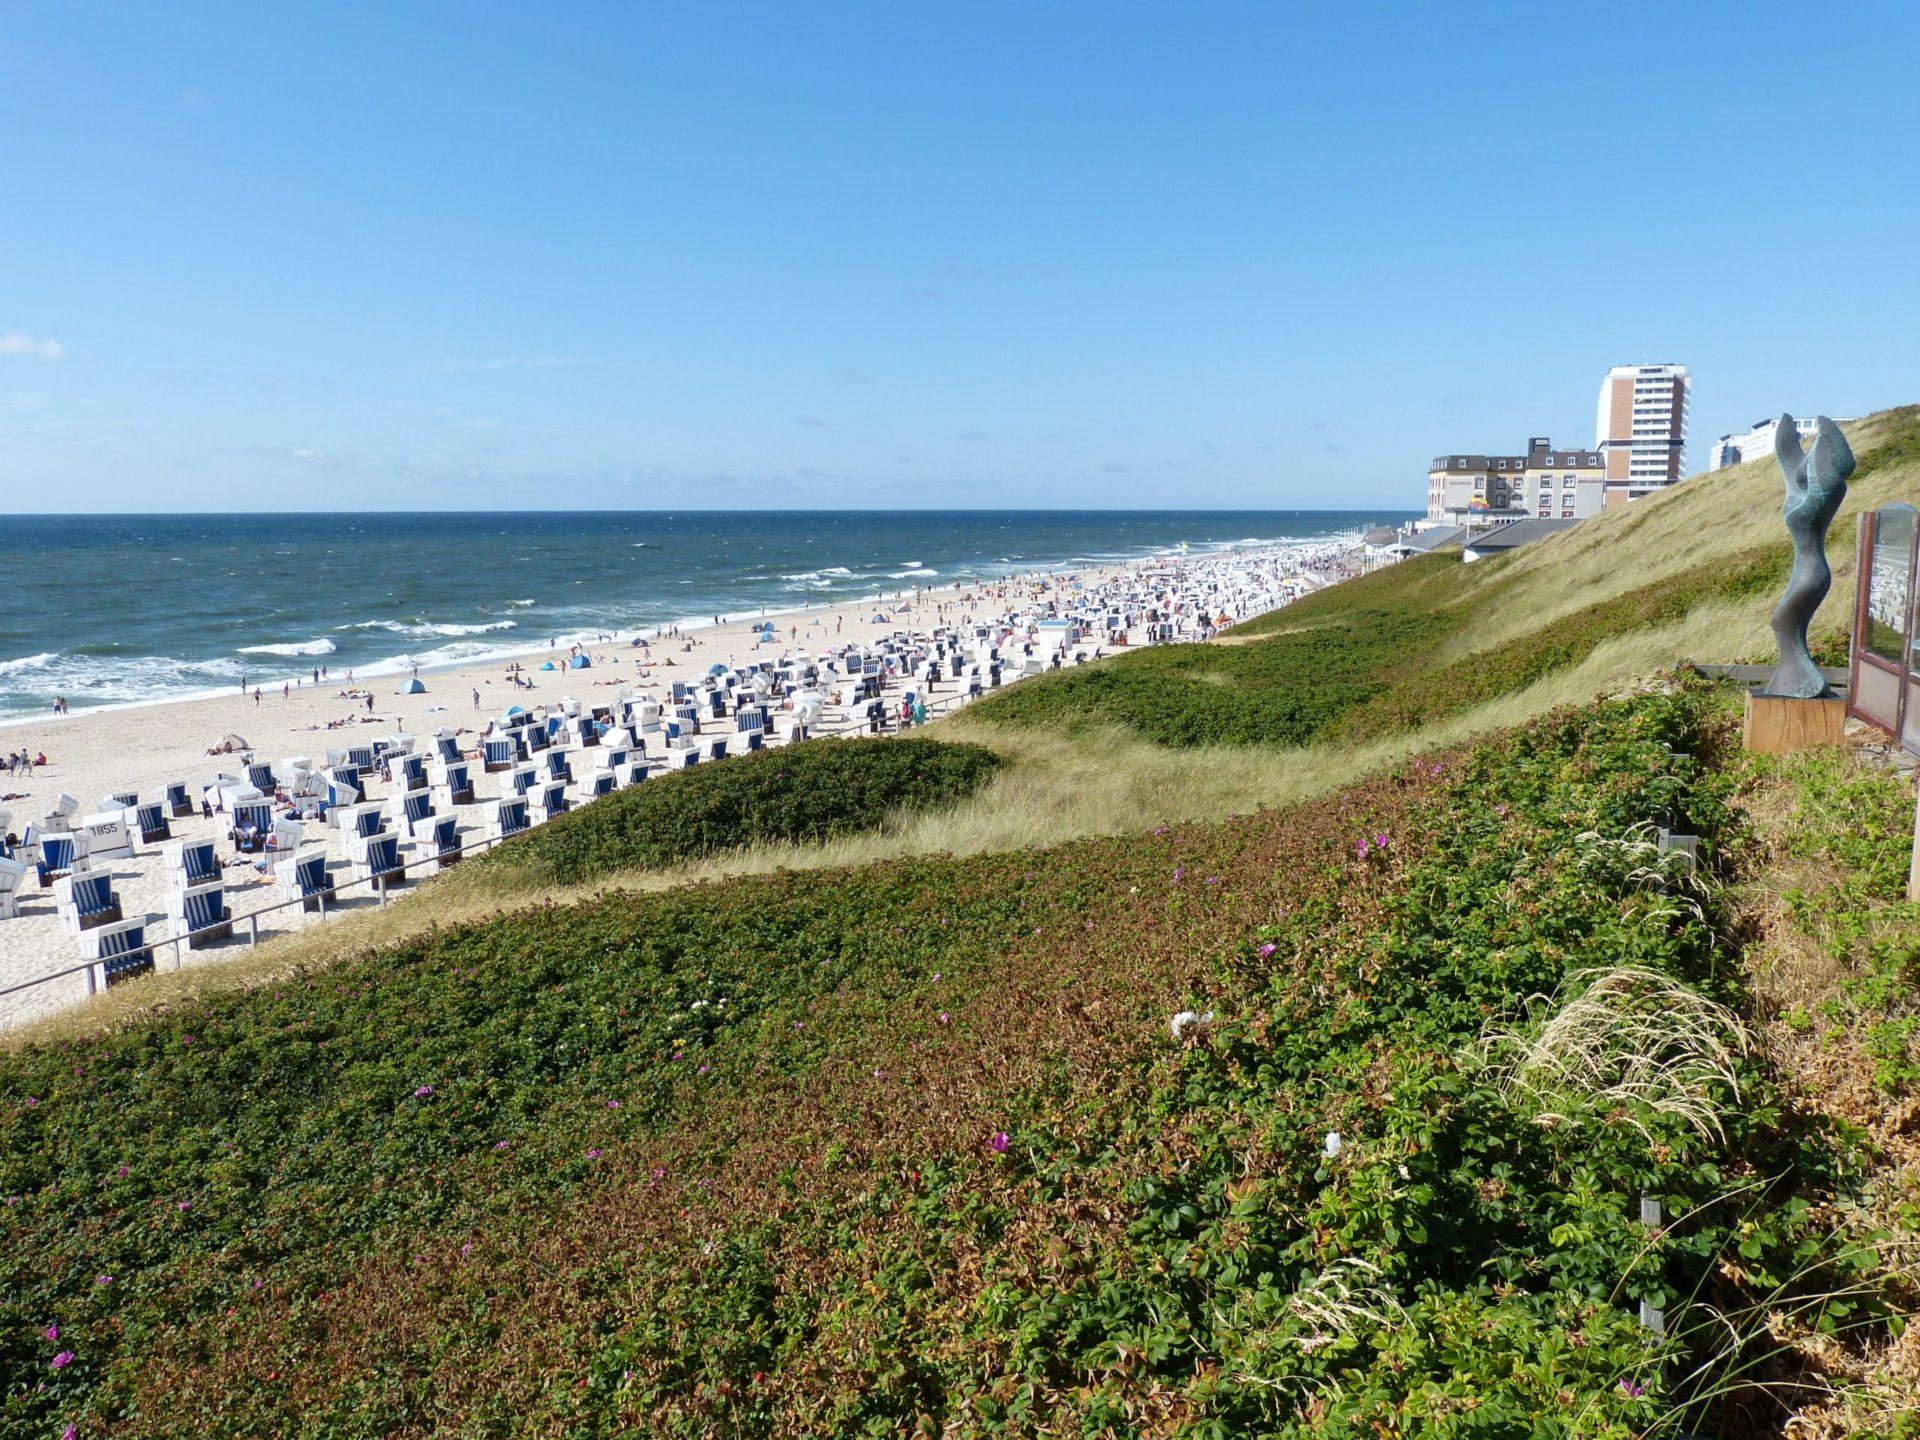 Wassertemperatur Westerland: Blick von der Himmelsleiter auf den Badestrand von Westerland mit Strandkörben, rechts oben im Bild die Strandpromenade mit dem Haus Metropol